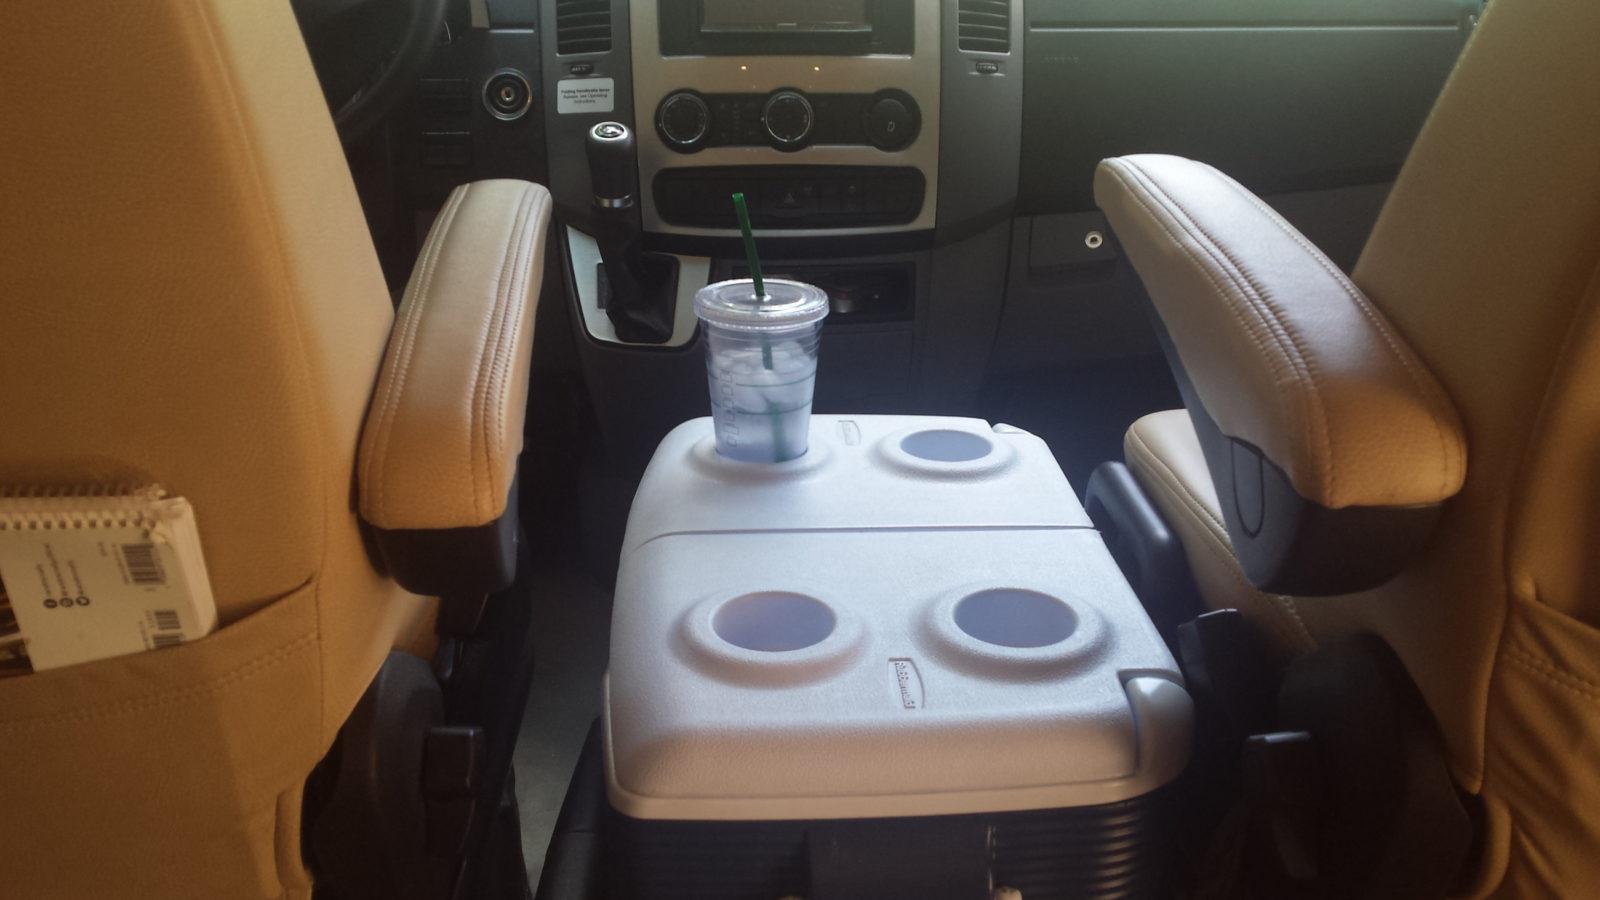 cooler between RV seats